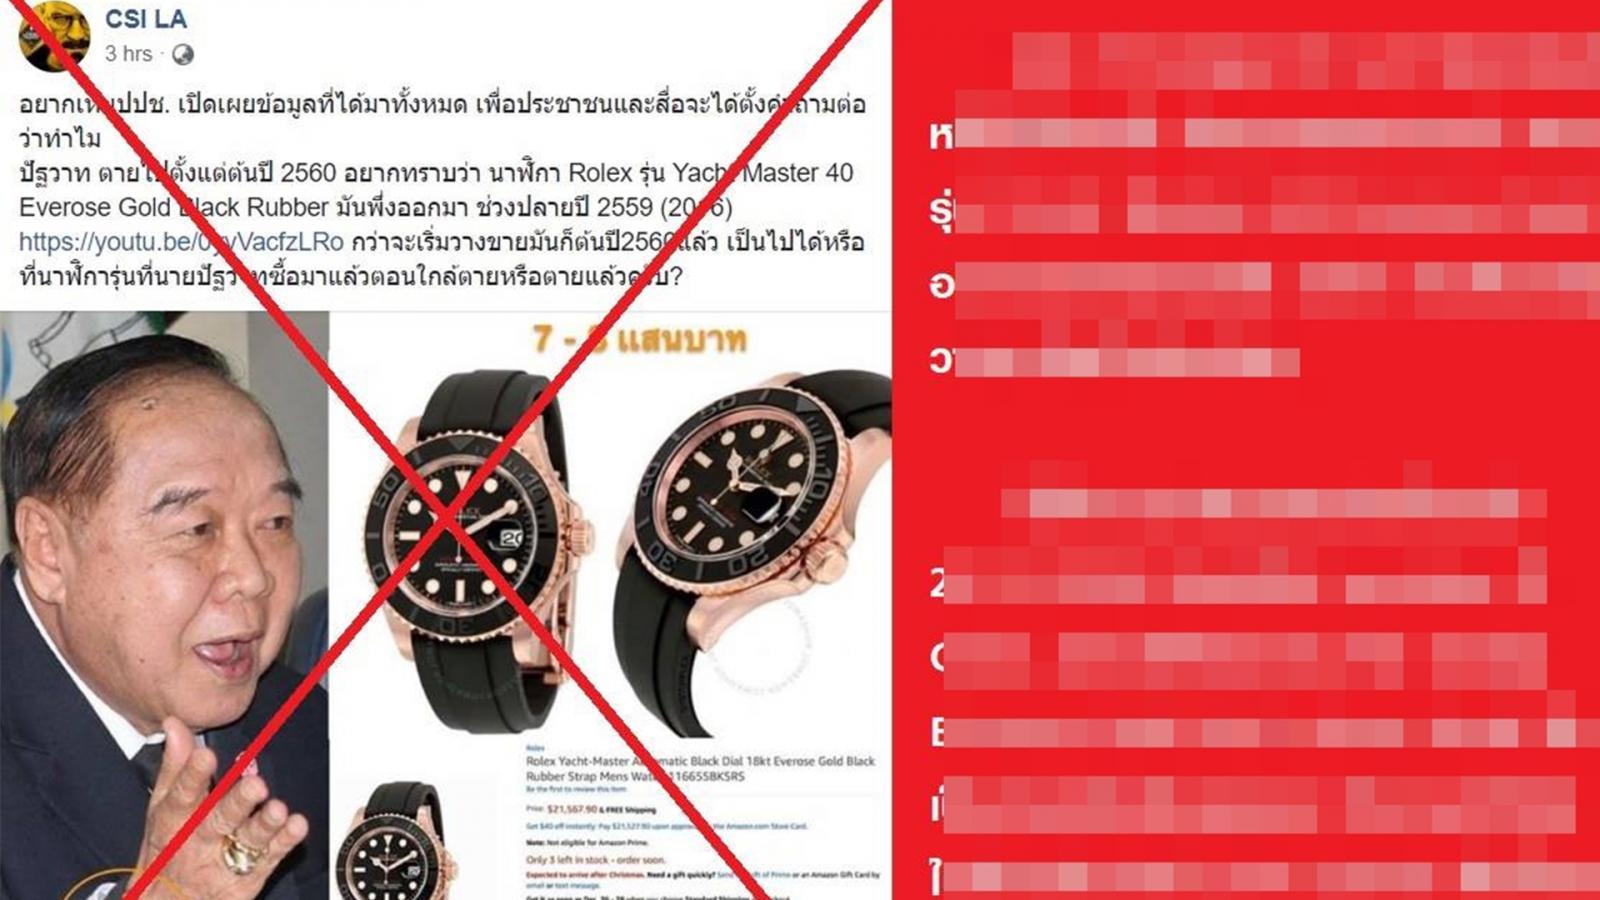 """""""กิตติธัช"""" โต้ข้อมูล CSI LA ระบุ นาฬิกา Rolex บนข้อมือ """"บิ๊กป้อม"""" วางขายปี 2558"""